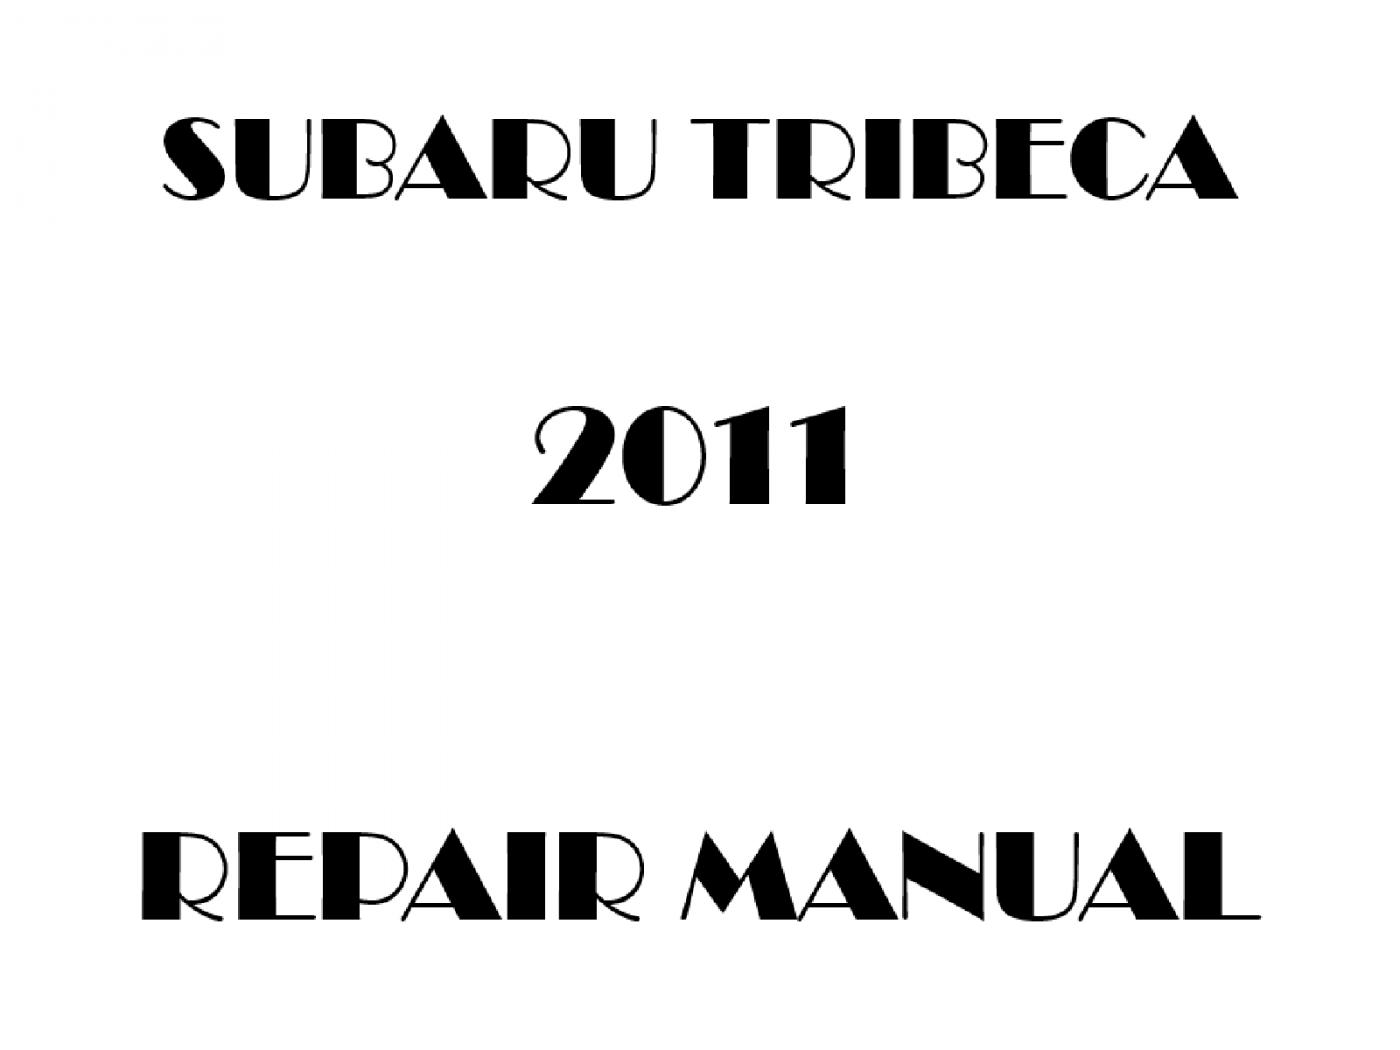 2011 Subaru Tribeca repair manual